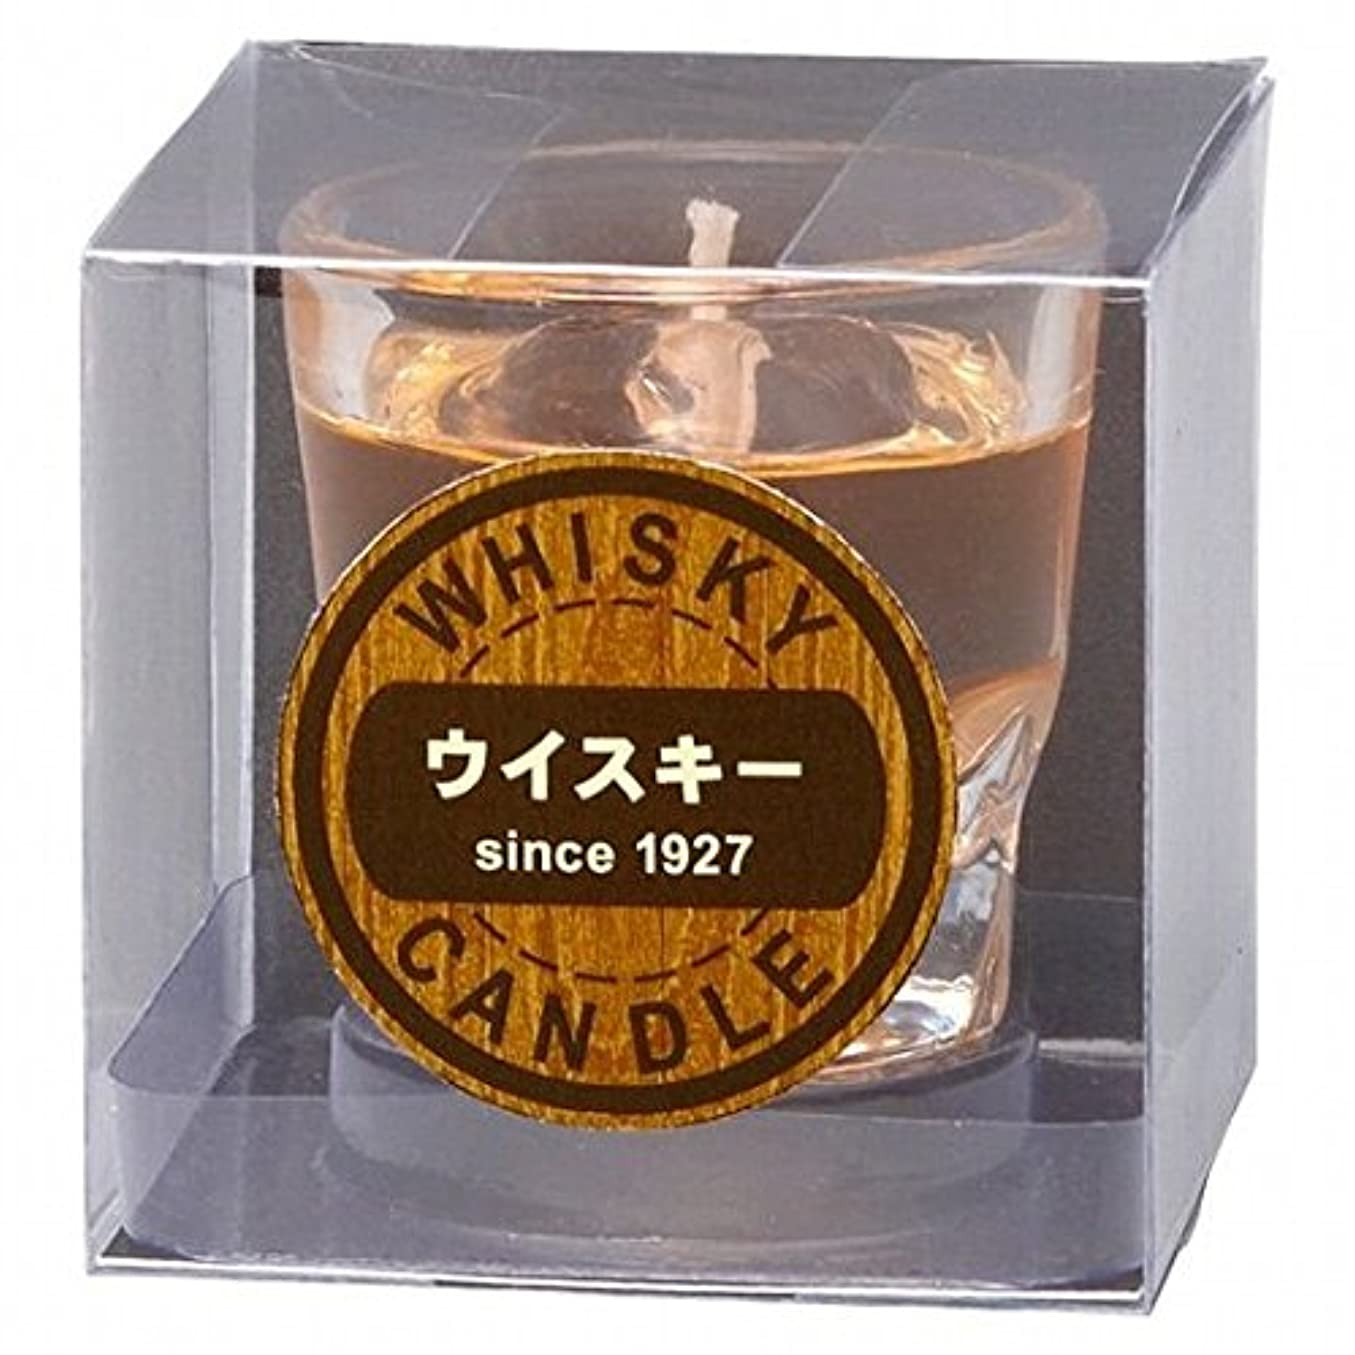 専門知識優しさ定常kameyama candle(カメヤマキャンドル) ウイスキーロックキャンドル(86170000)